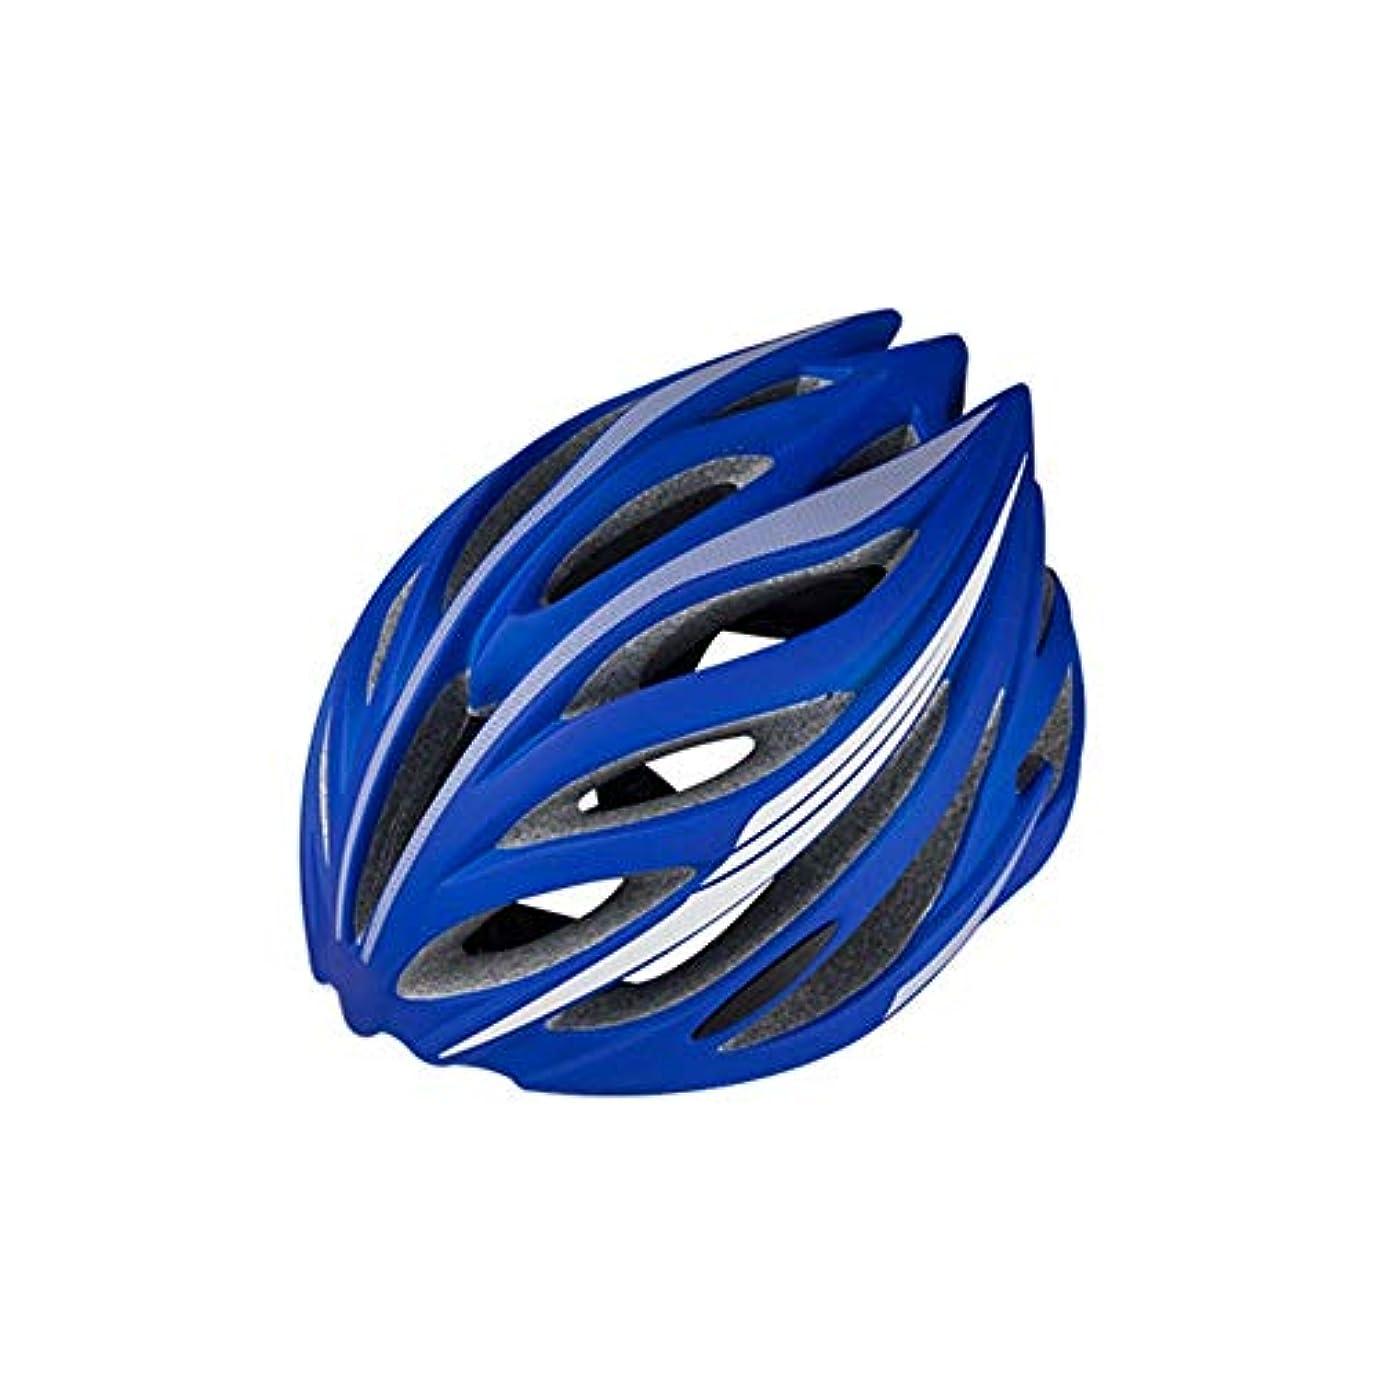 マントル用心する提供されたTOMSSL高品質 ロードマウンテンバイク乗馬ヘルメット統合成形大型ライトローラーヘルメット男性と女性通気性ヘルメット TOMSSL高品質 (色 : Blue)